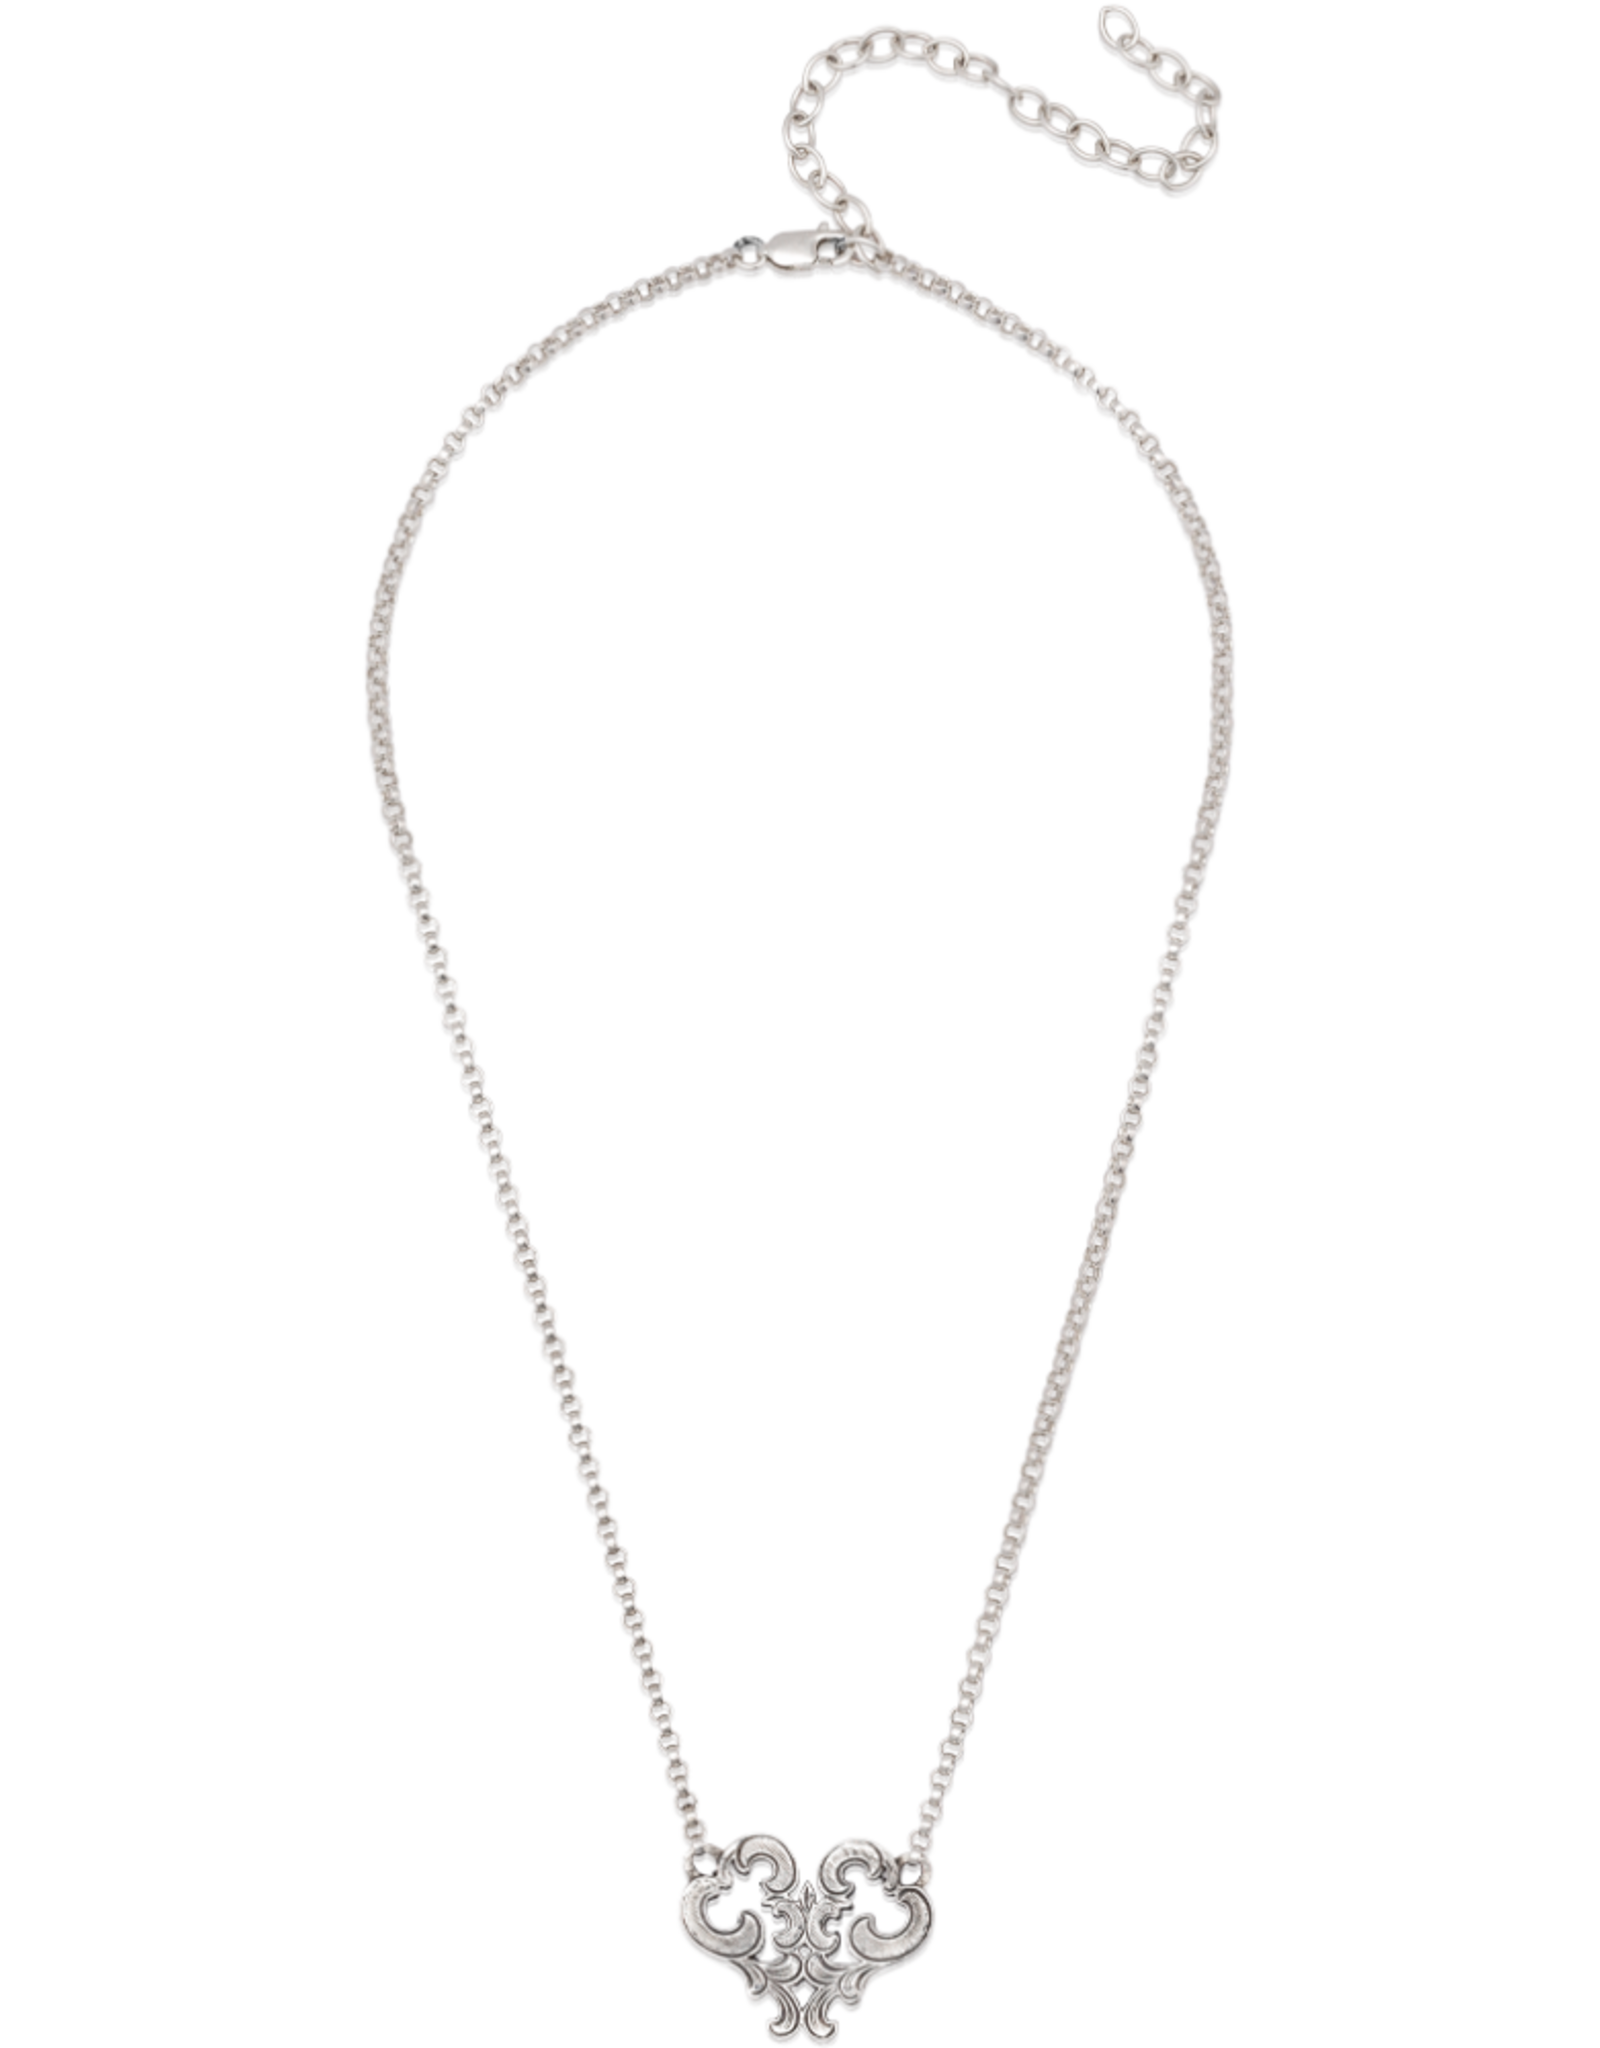 Mignon Faget Mignon Faget Renaissance Heart Necklace